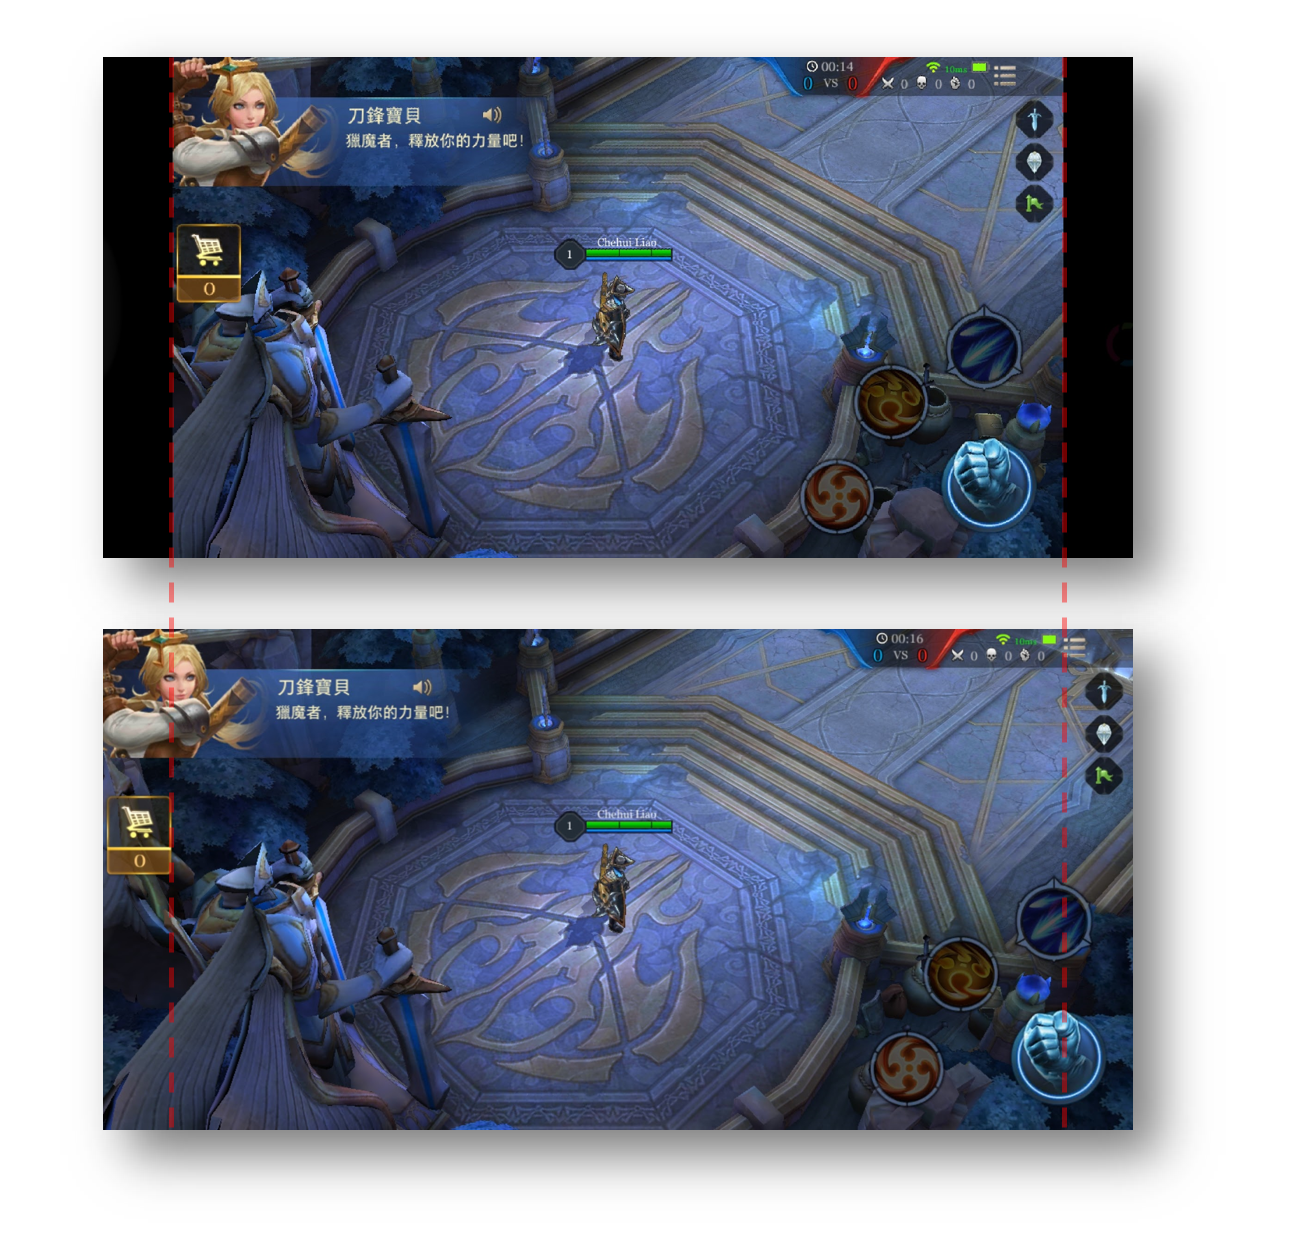 更大寬螢幕的 Note 8 玩傳說對決真的可以看的比較多!?實測分享! @3C 達人廖阿輝